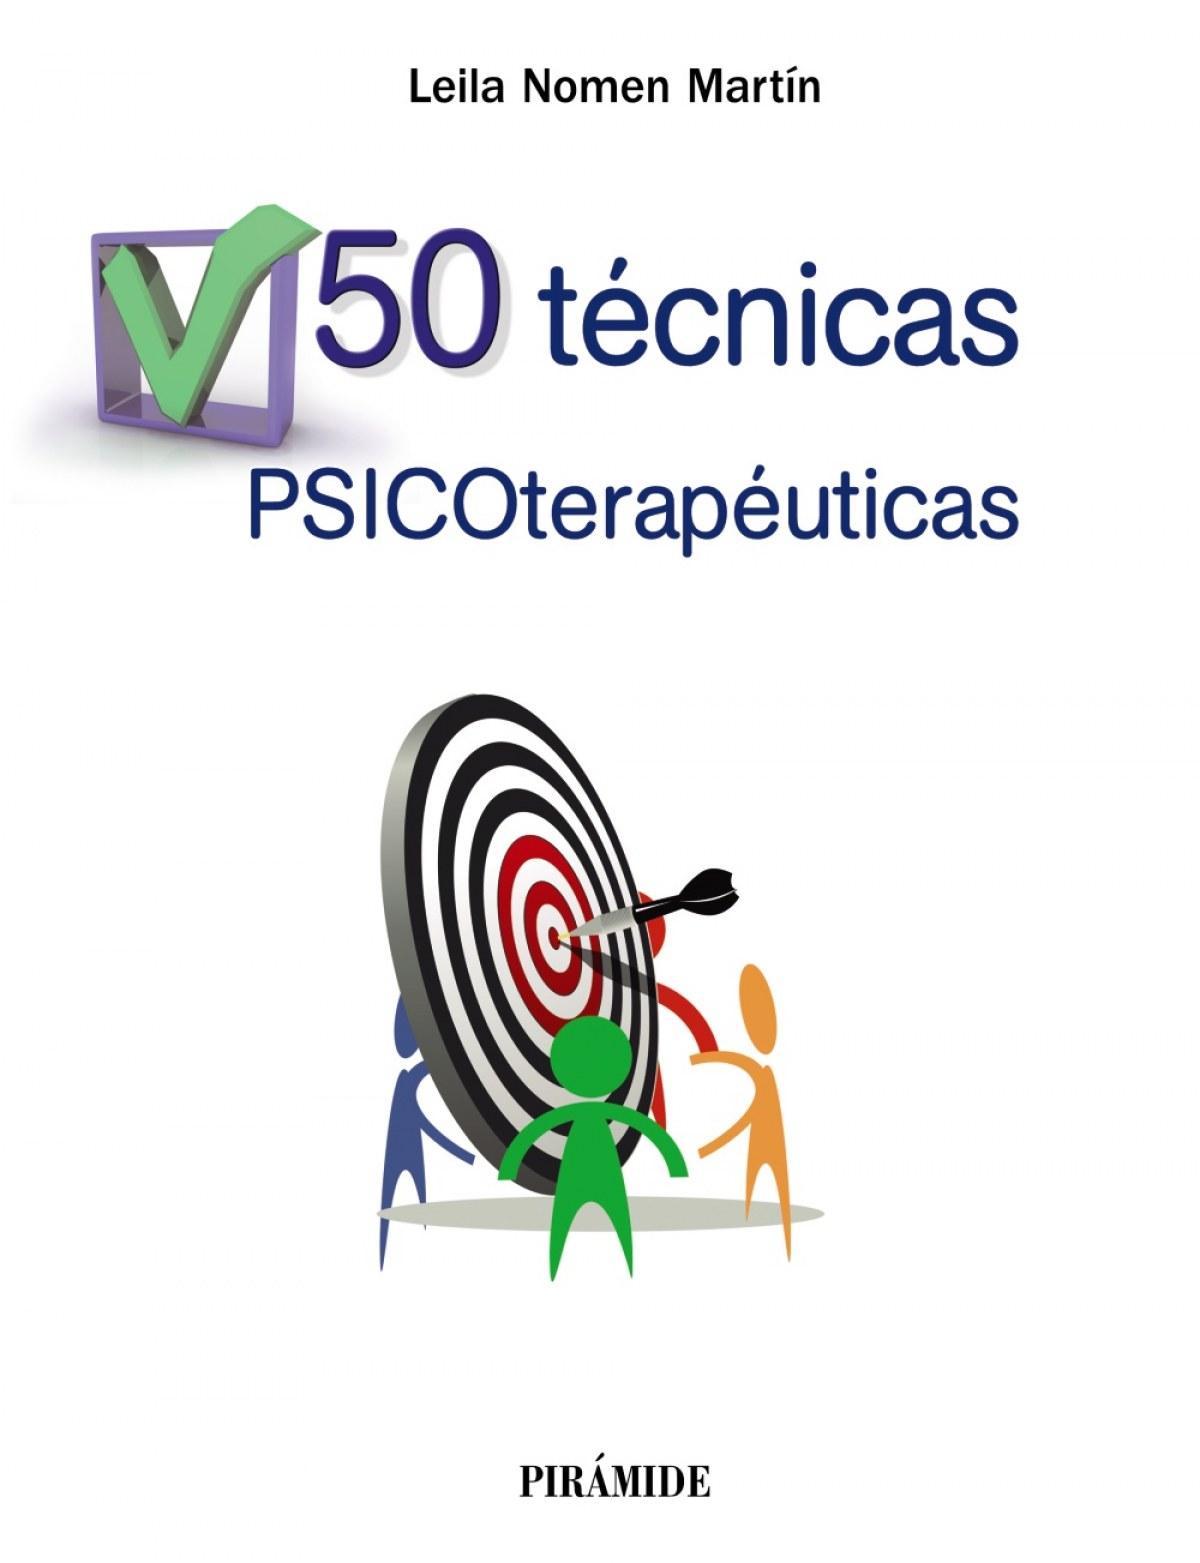 50 TÈCNICAS PSICOTERAPéUTICAS